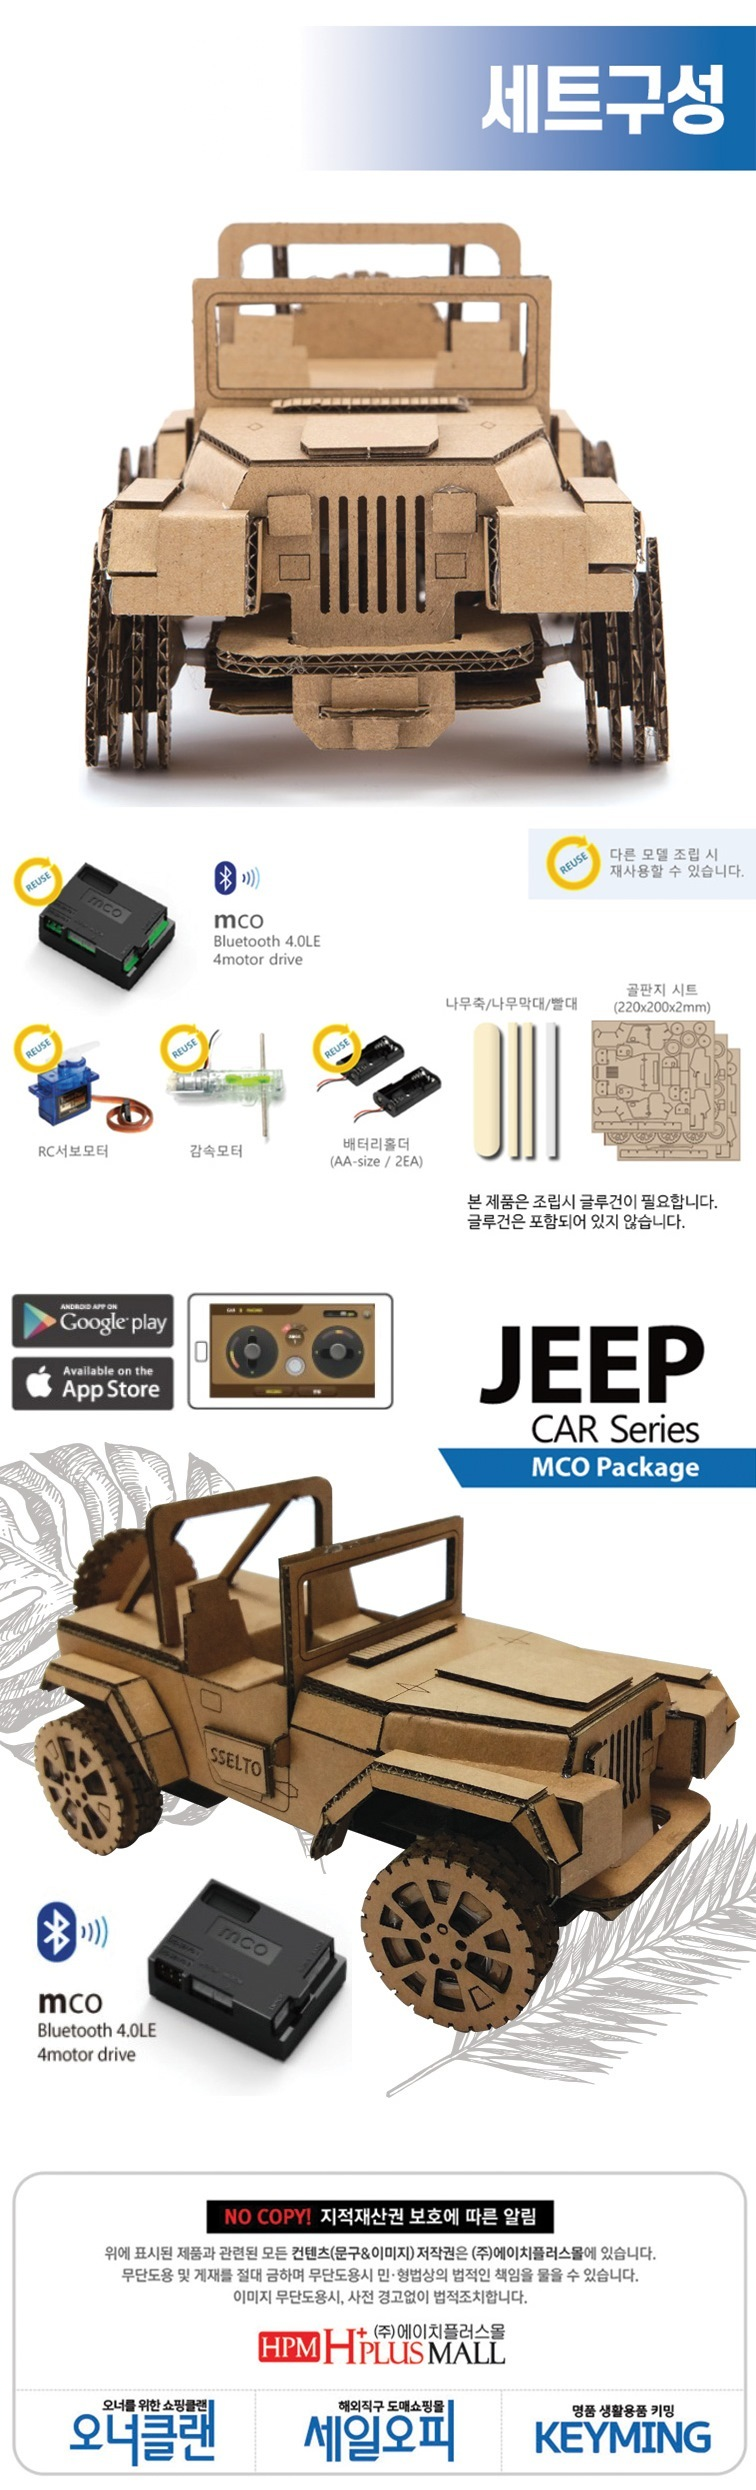 자동차완구,자동차장난감,무선자동차